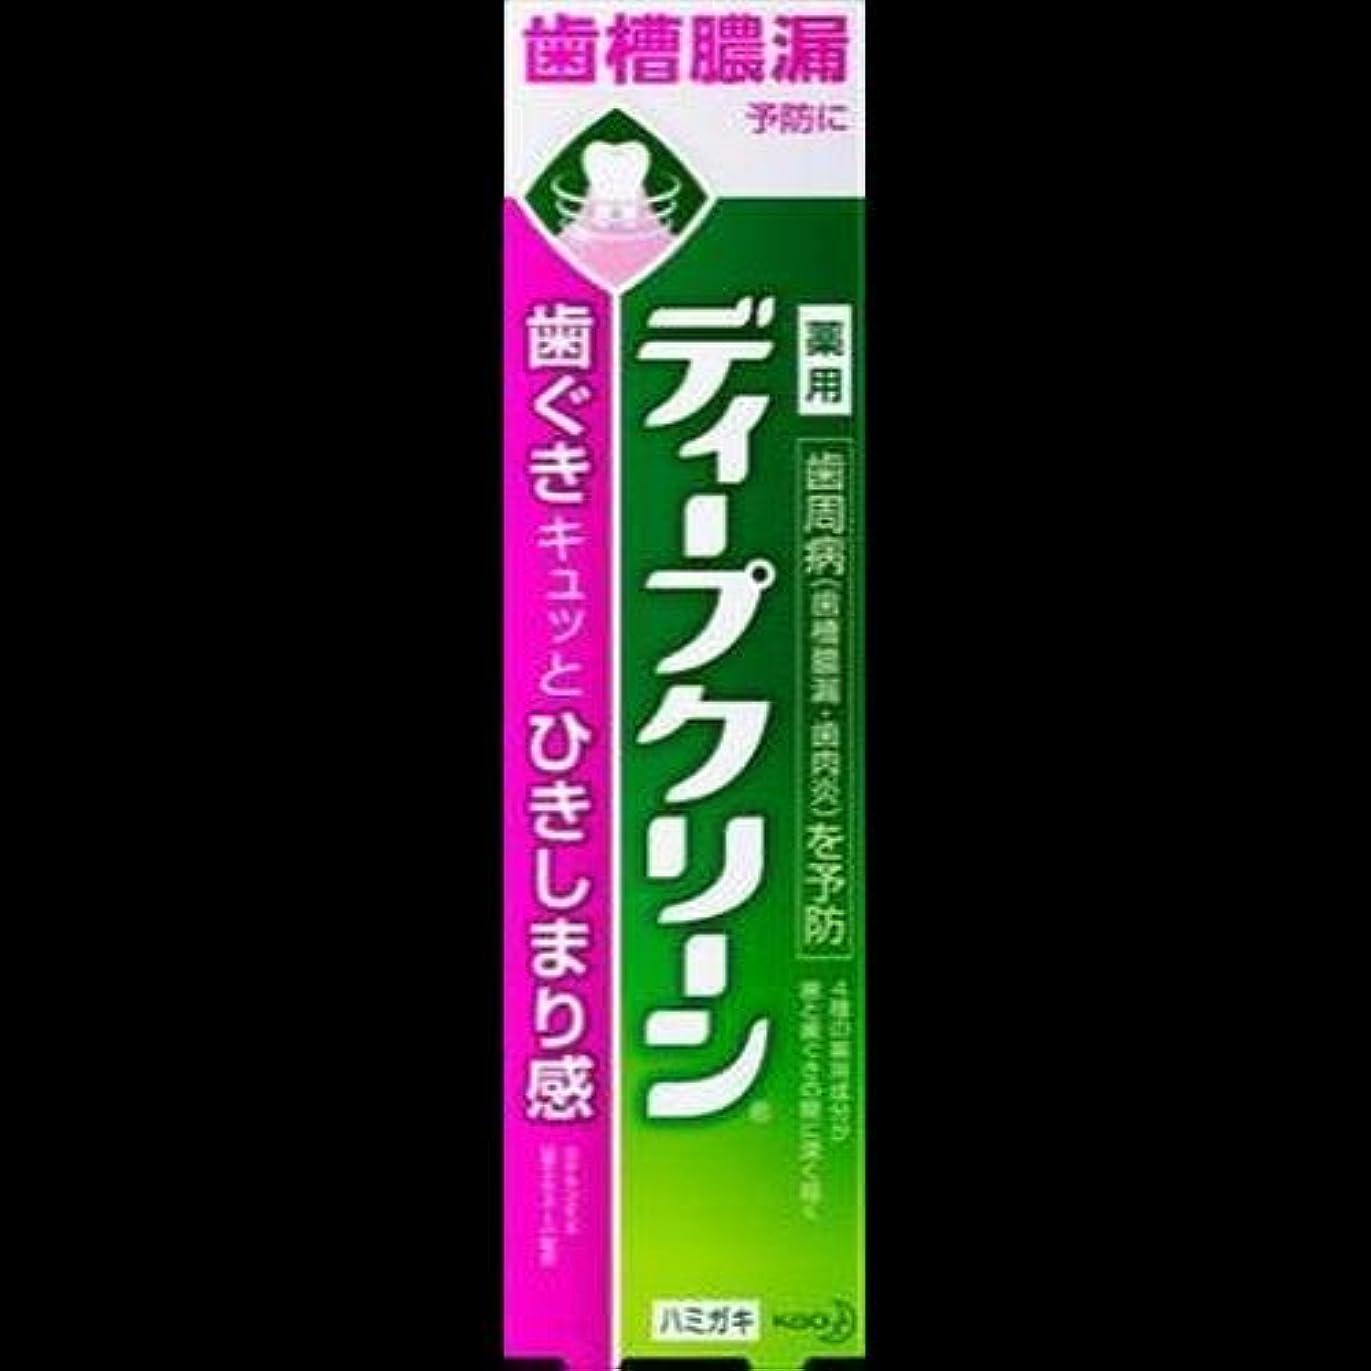 飢饉ポップライセンス【まとめ買い】ディープクリーン 薬用ハミガキ 100g ×2セット